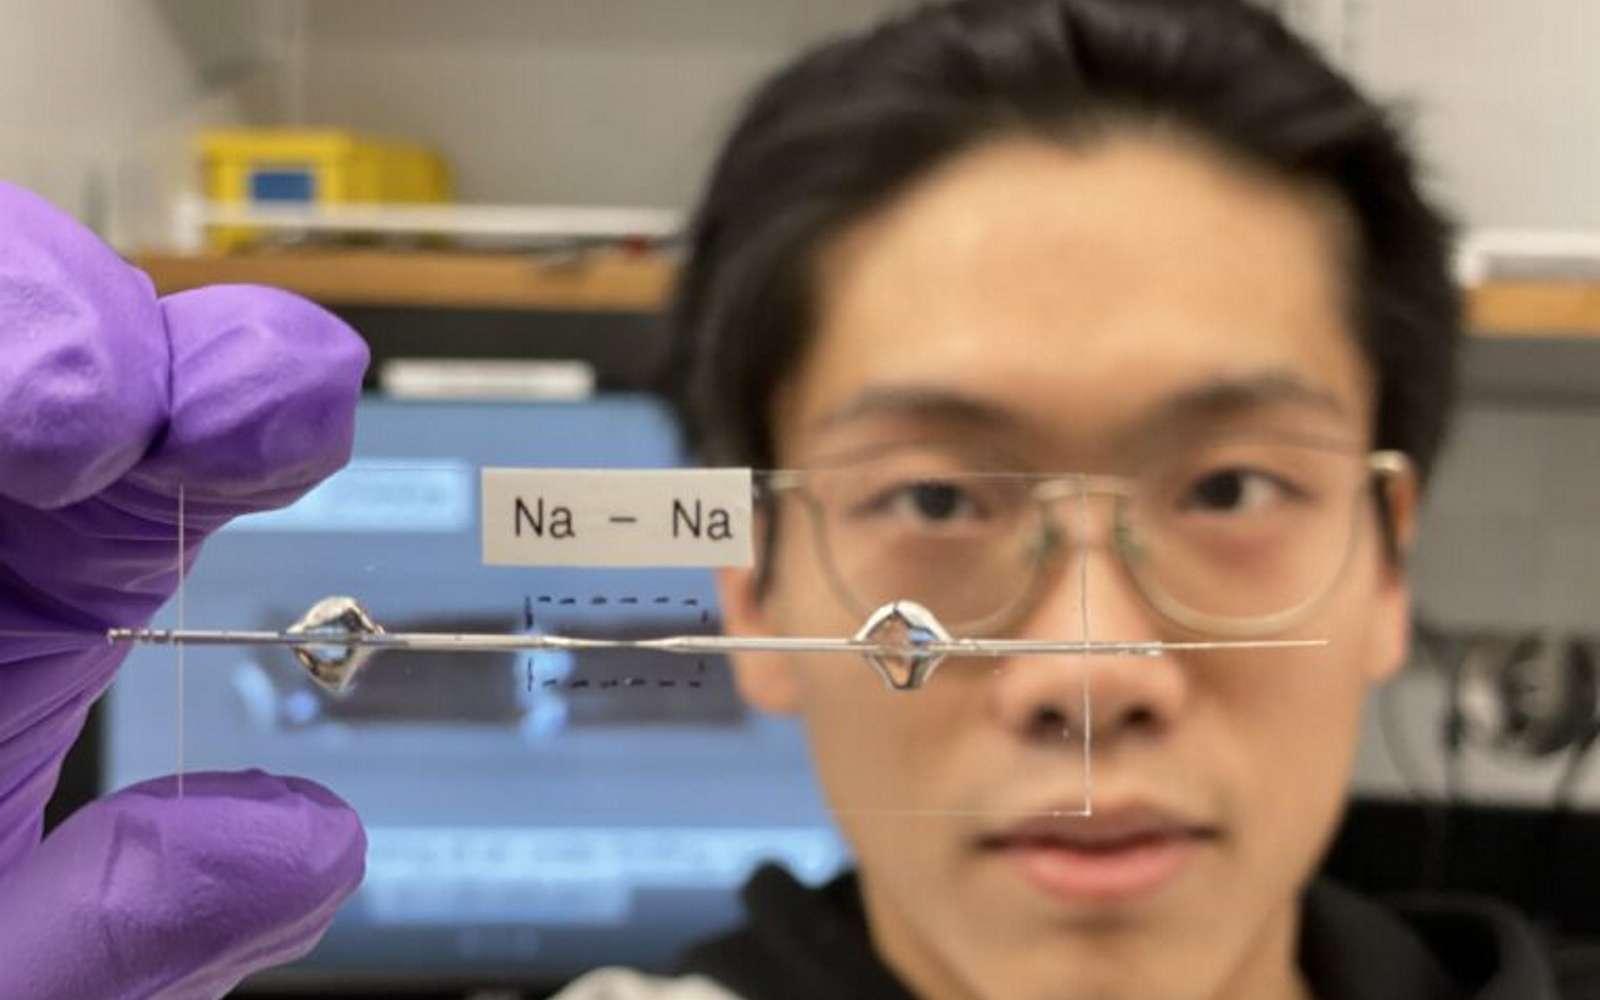 Cette cellule capillaire transparente a permis aux chercheurs de développer une batterie sodium-ion sans anode. © Bai Lab